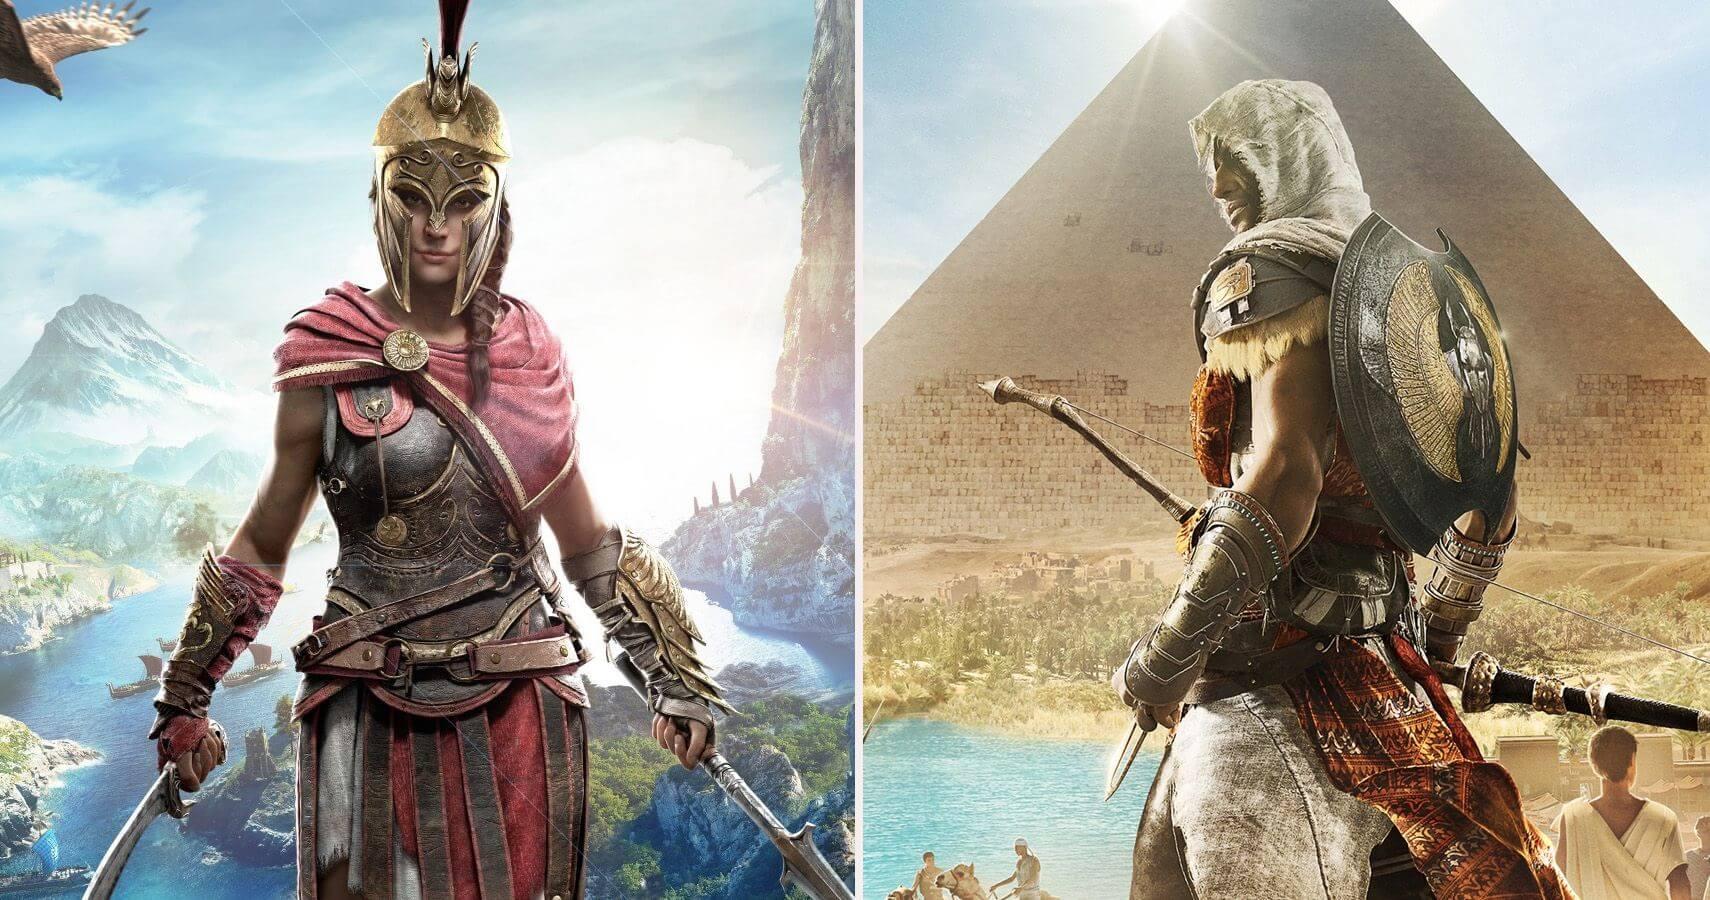 ¿Continuará siendo el próximo Assassin's Creed un RPG o volverá a centrase en la historia?